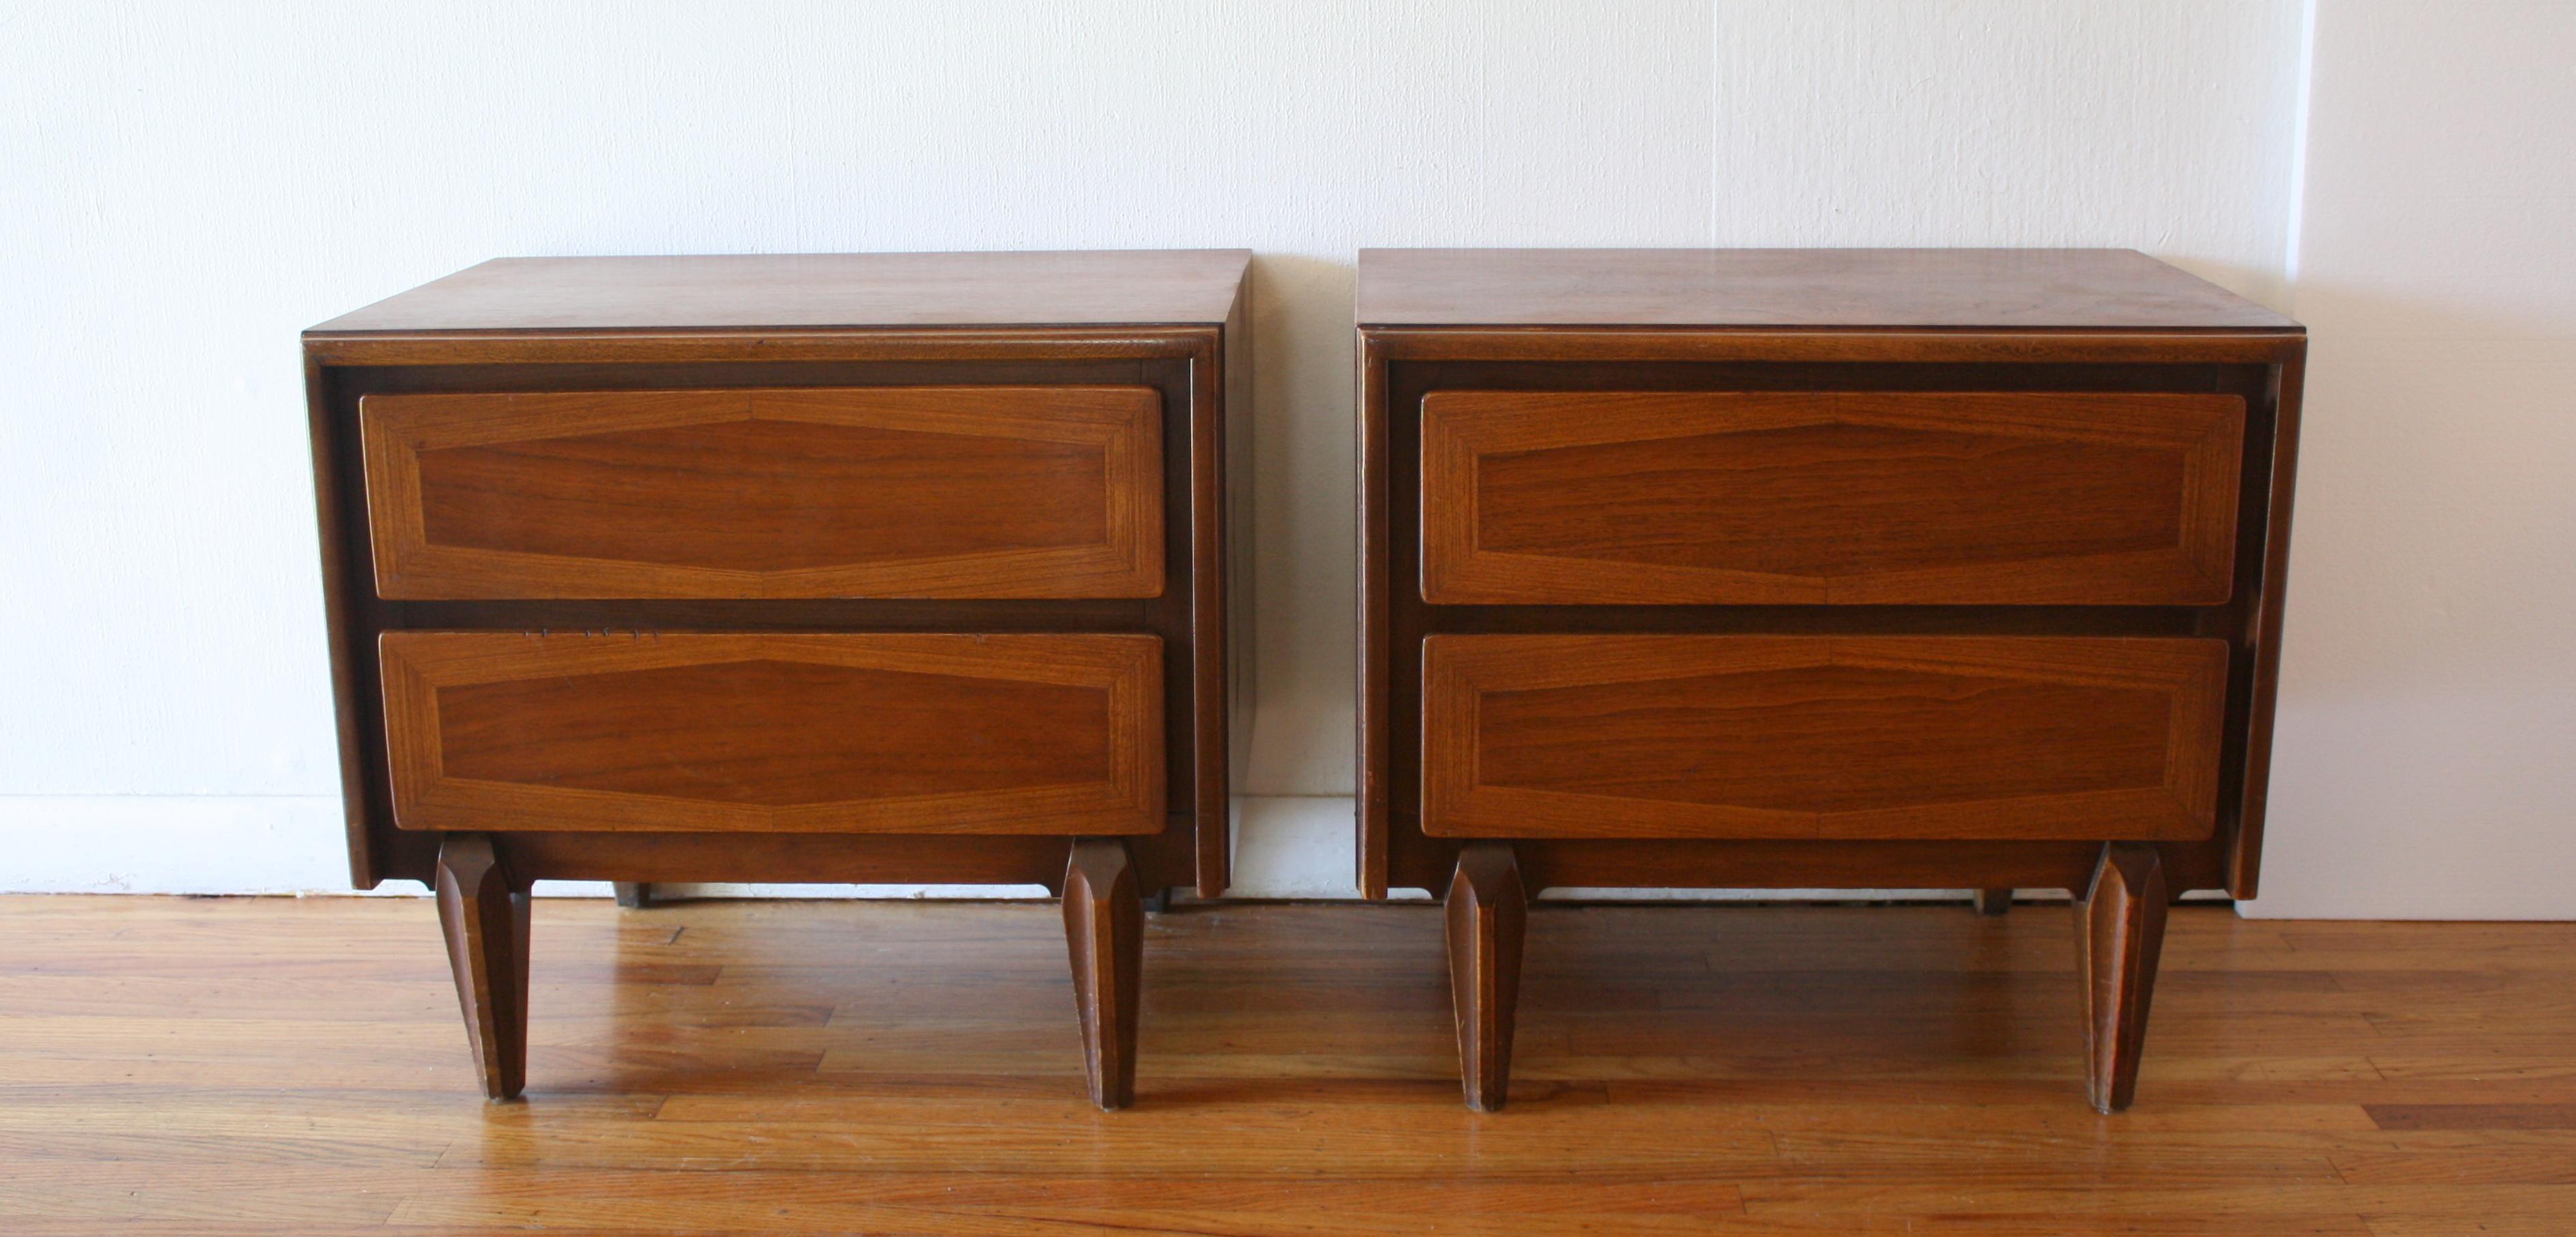 ABM pair of side end table nightstands 1.JPG